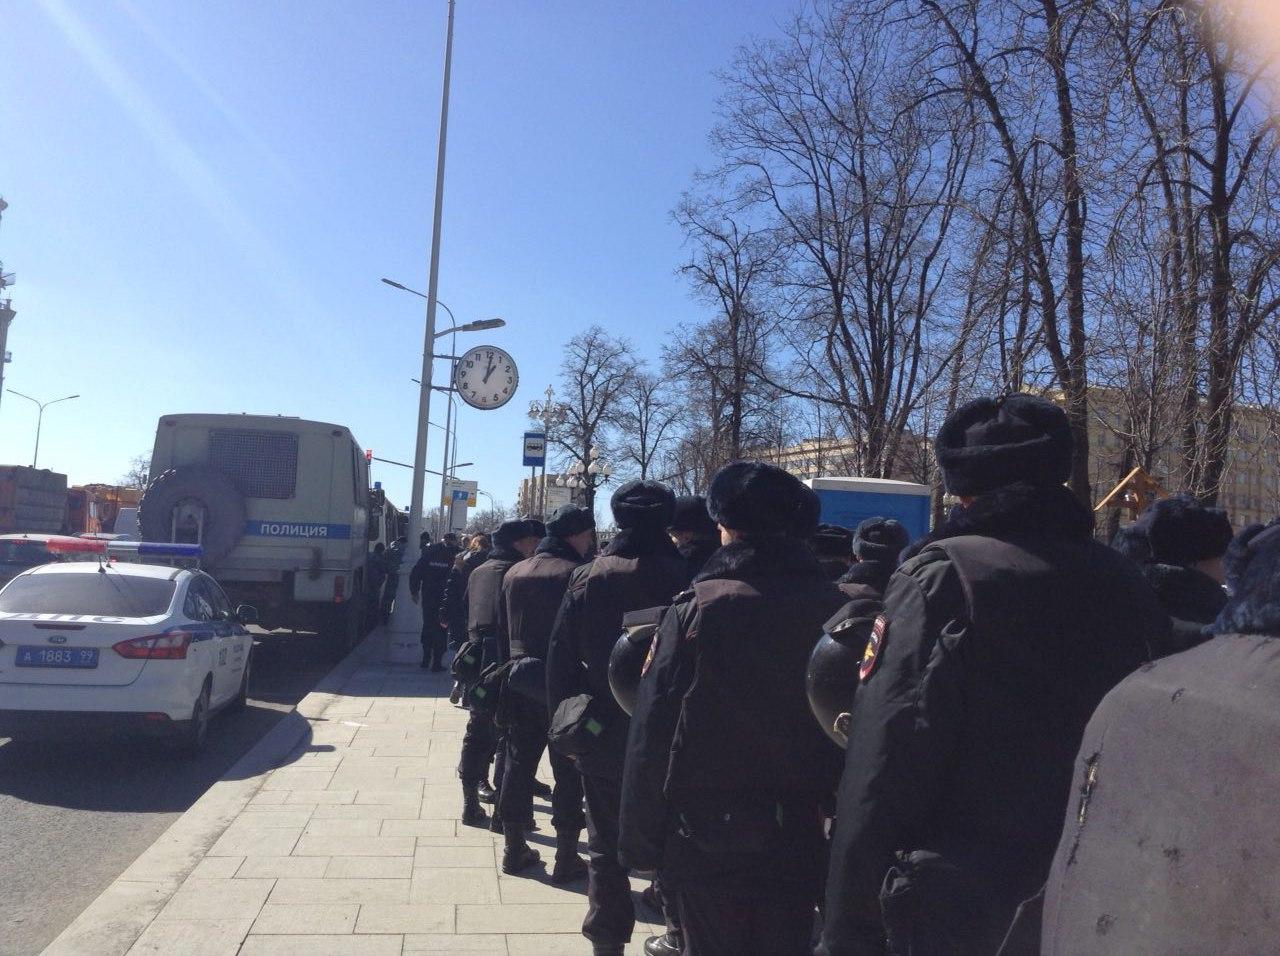 в пскове состоится официальный митинг протестующих дальнобойщиков